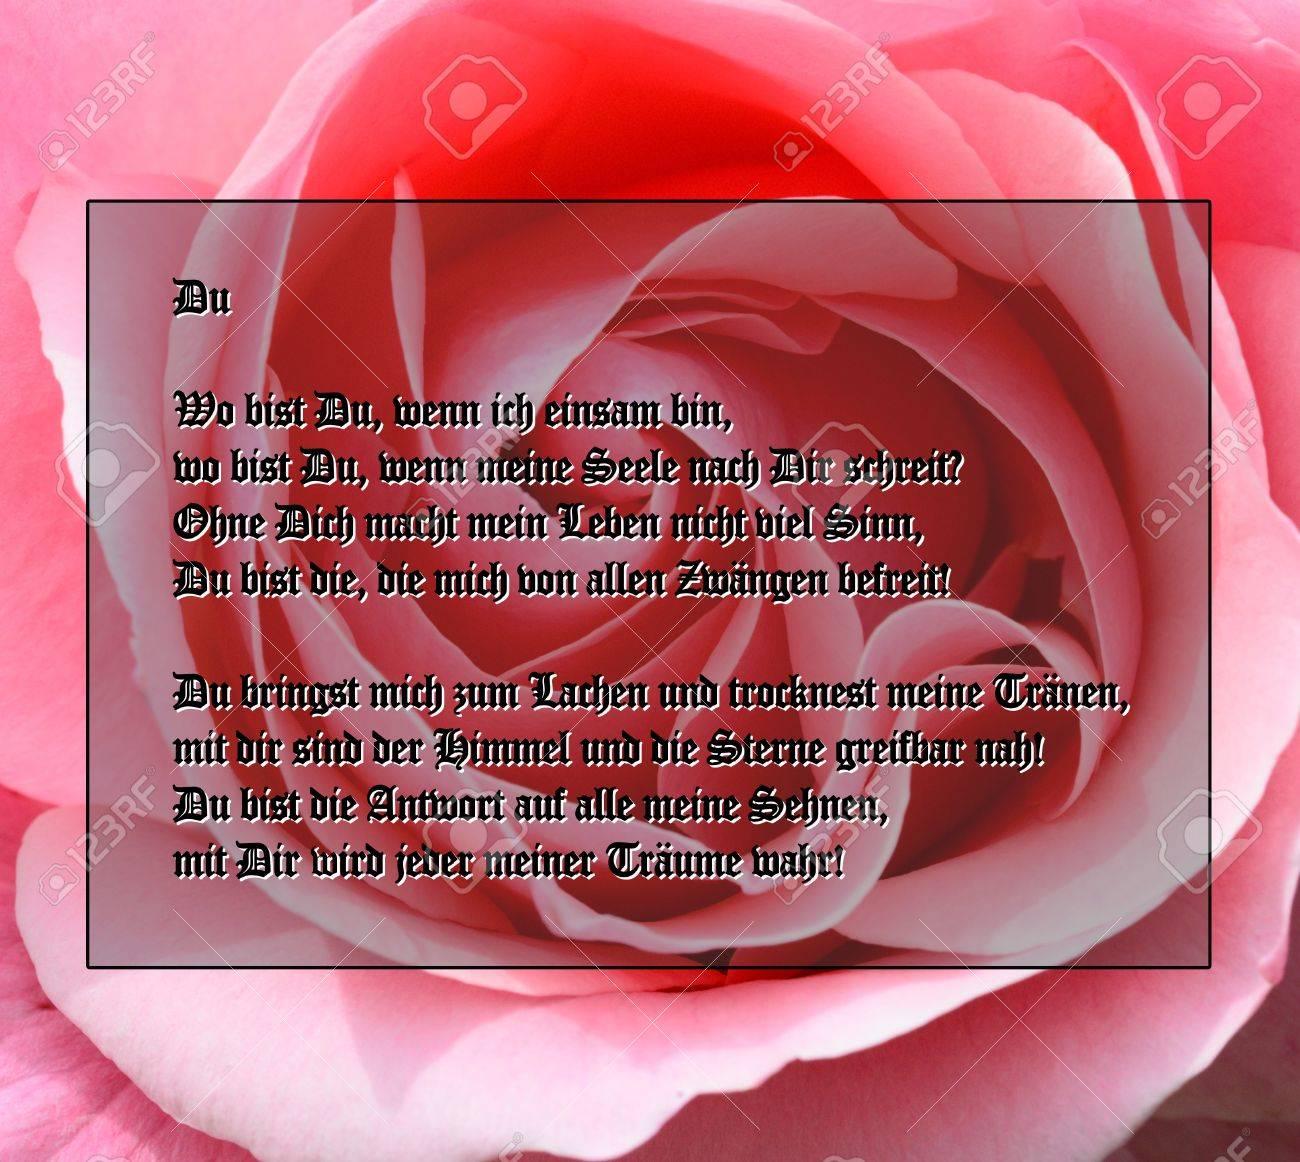 Poema Alemán Para El Día De San Valentín Fotos Retratos Imágenes Y